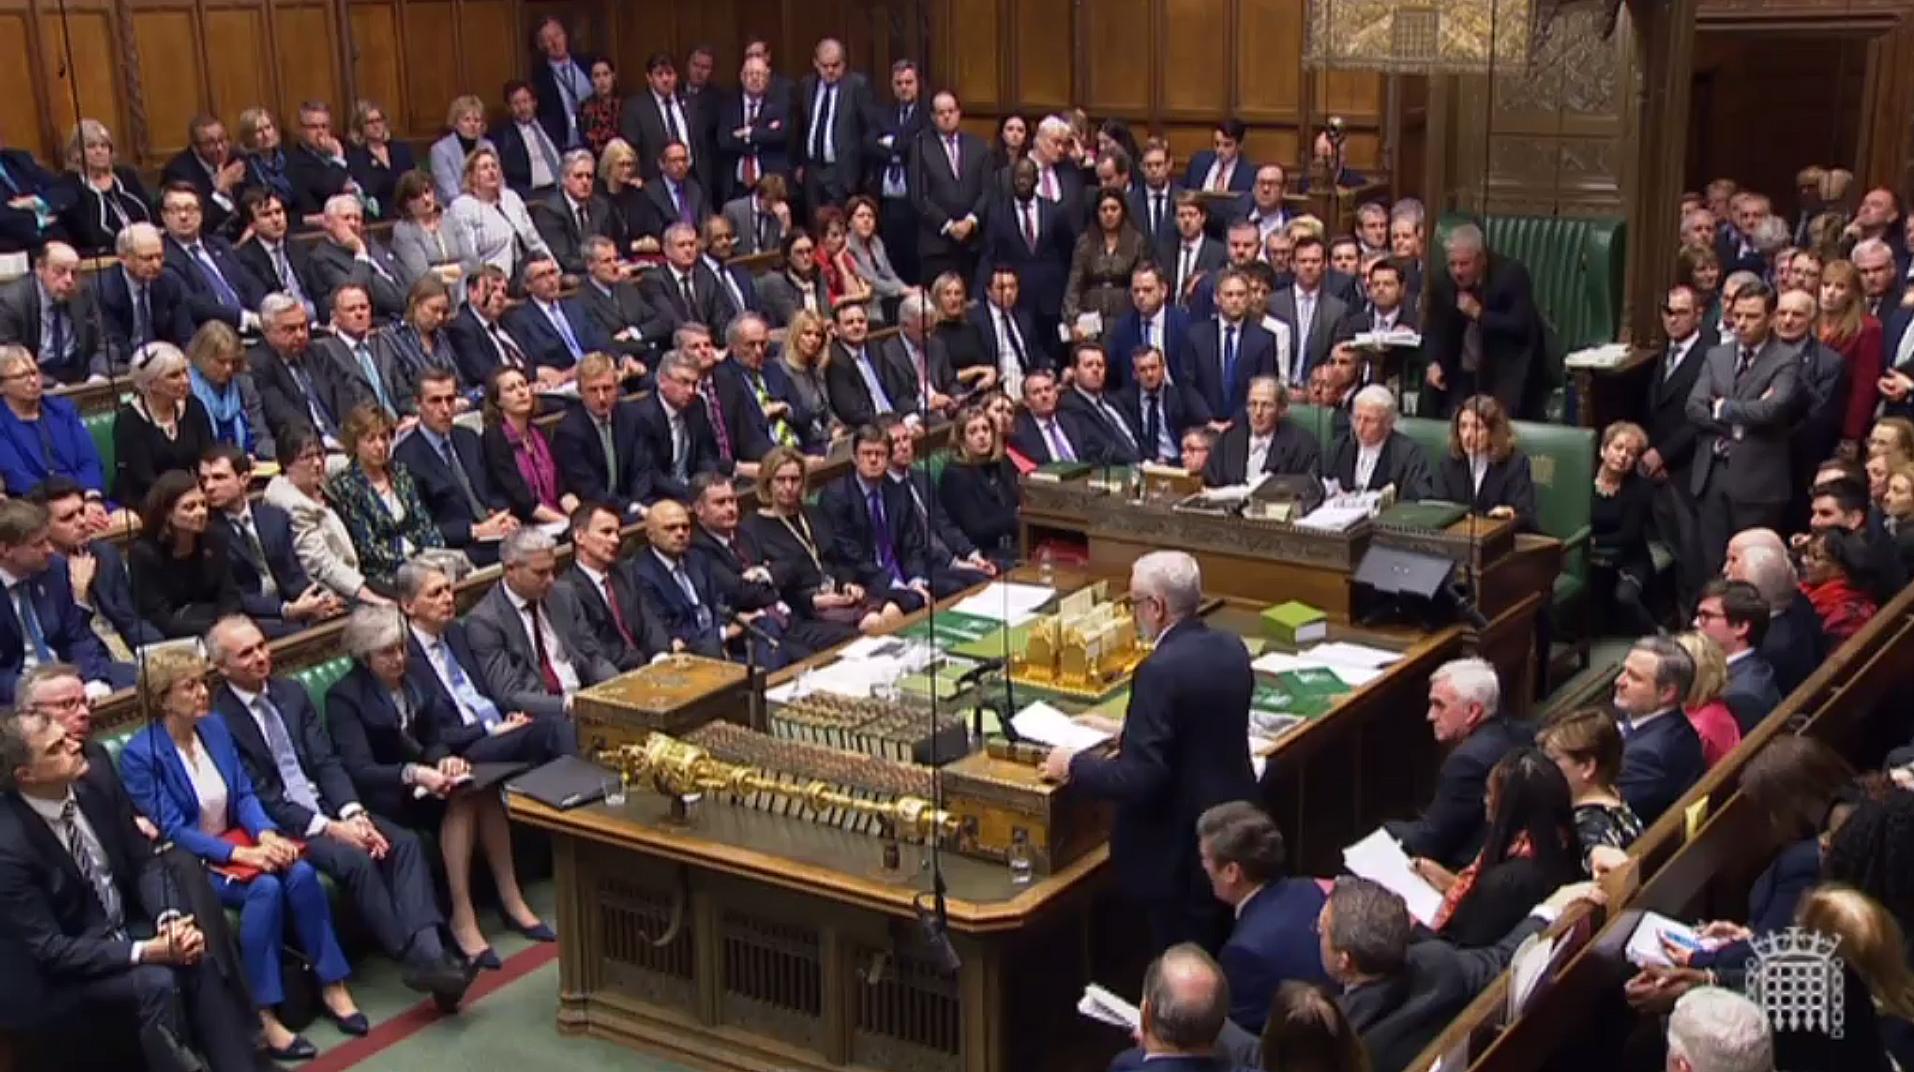 Parlamentarios del Reino Unido en plena discusión sobre el Brexit. (Foto Prensa Libre: AFP)